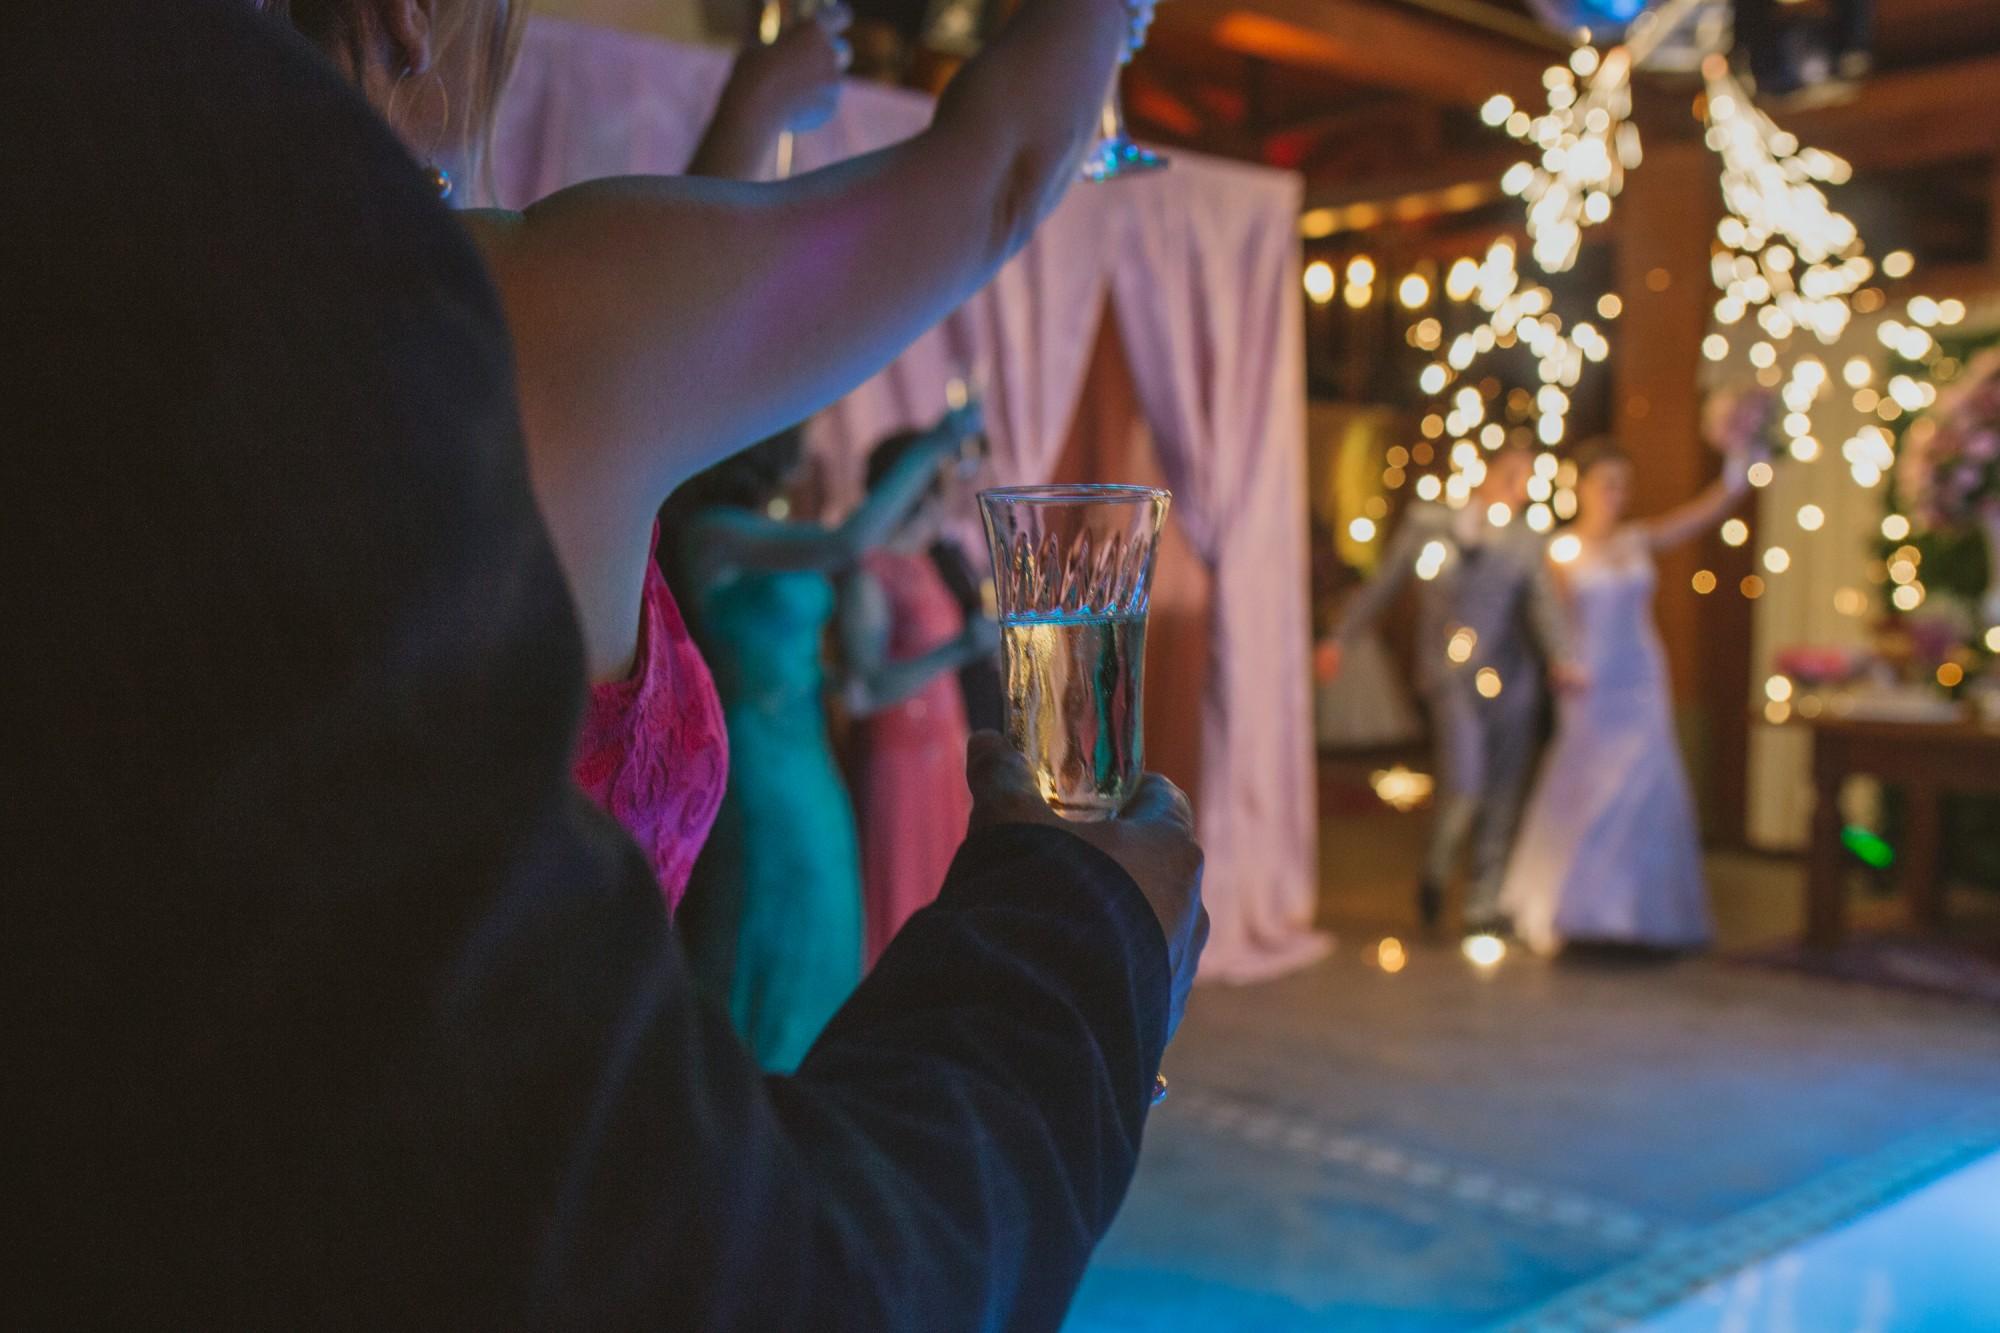 Maiara Kuki e Ricardo - Casamento em Palotina - PR por Lorran Souza e Léia Sotile - fotografo de casamentos00018